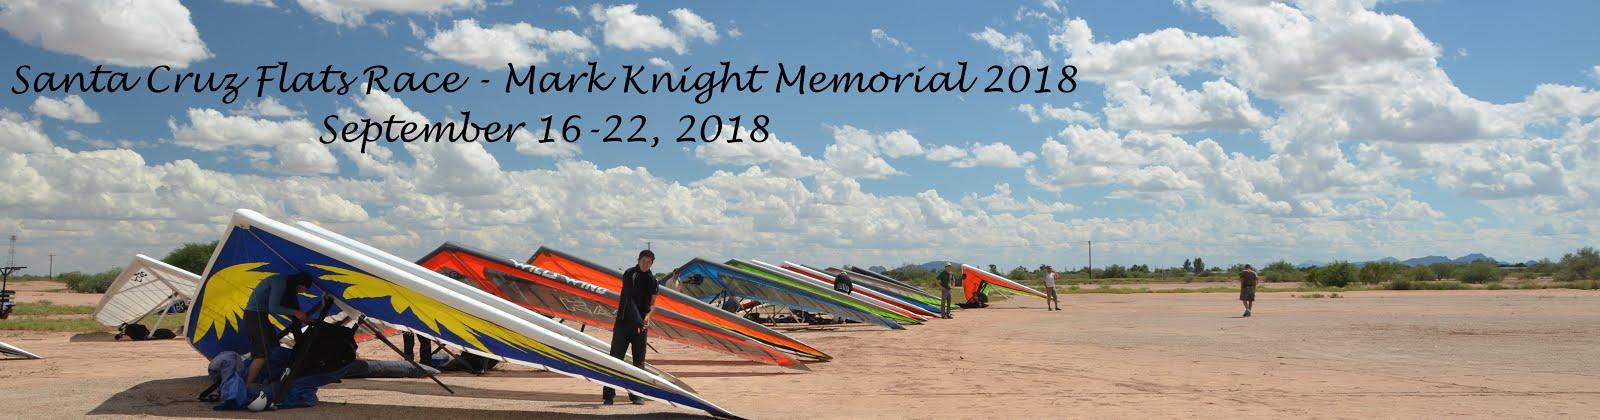 Santa Cruz Flats Race - Mark Knight Memorial 2018